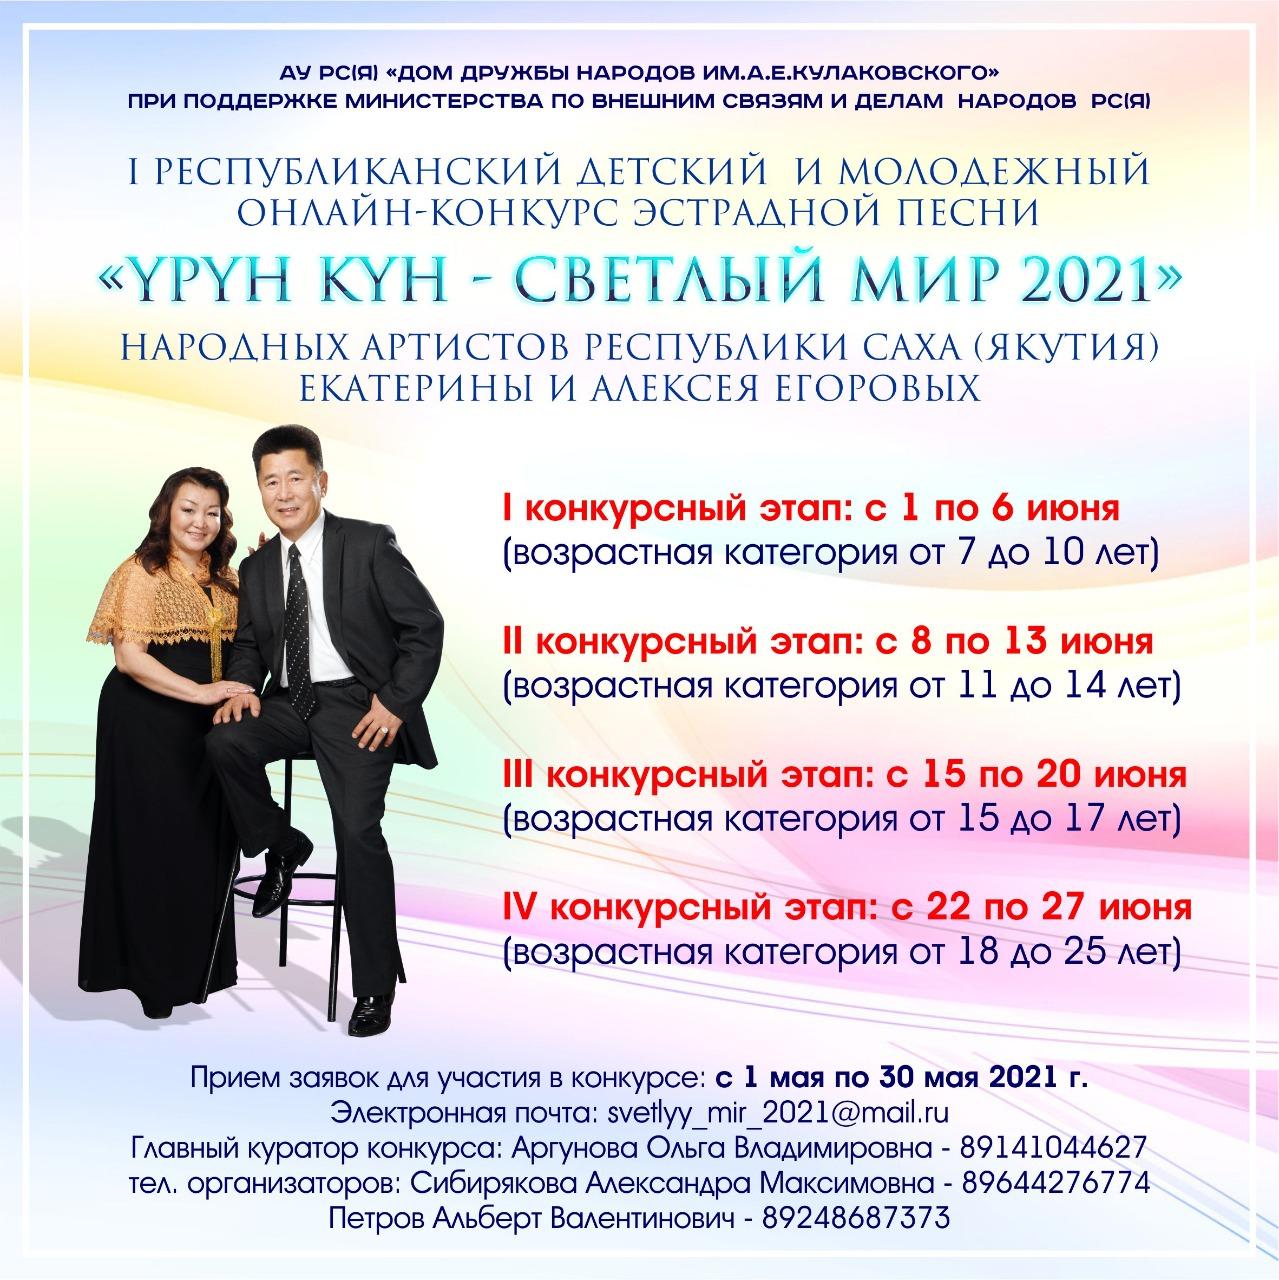 Народные артисты Якутии Екатерина, Алексей Егоровы объявили о конкурсе